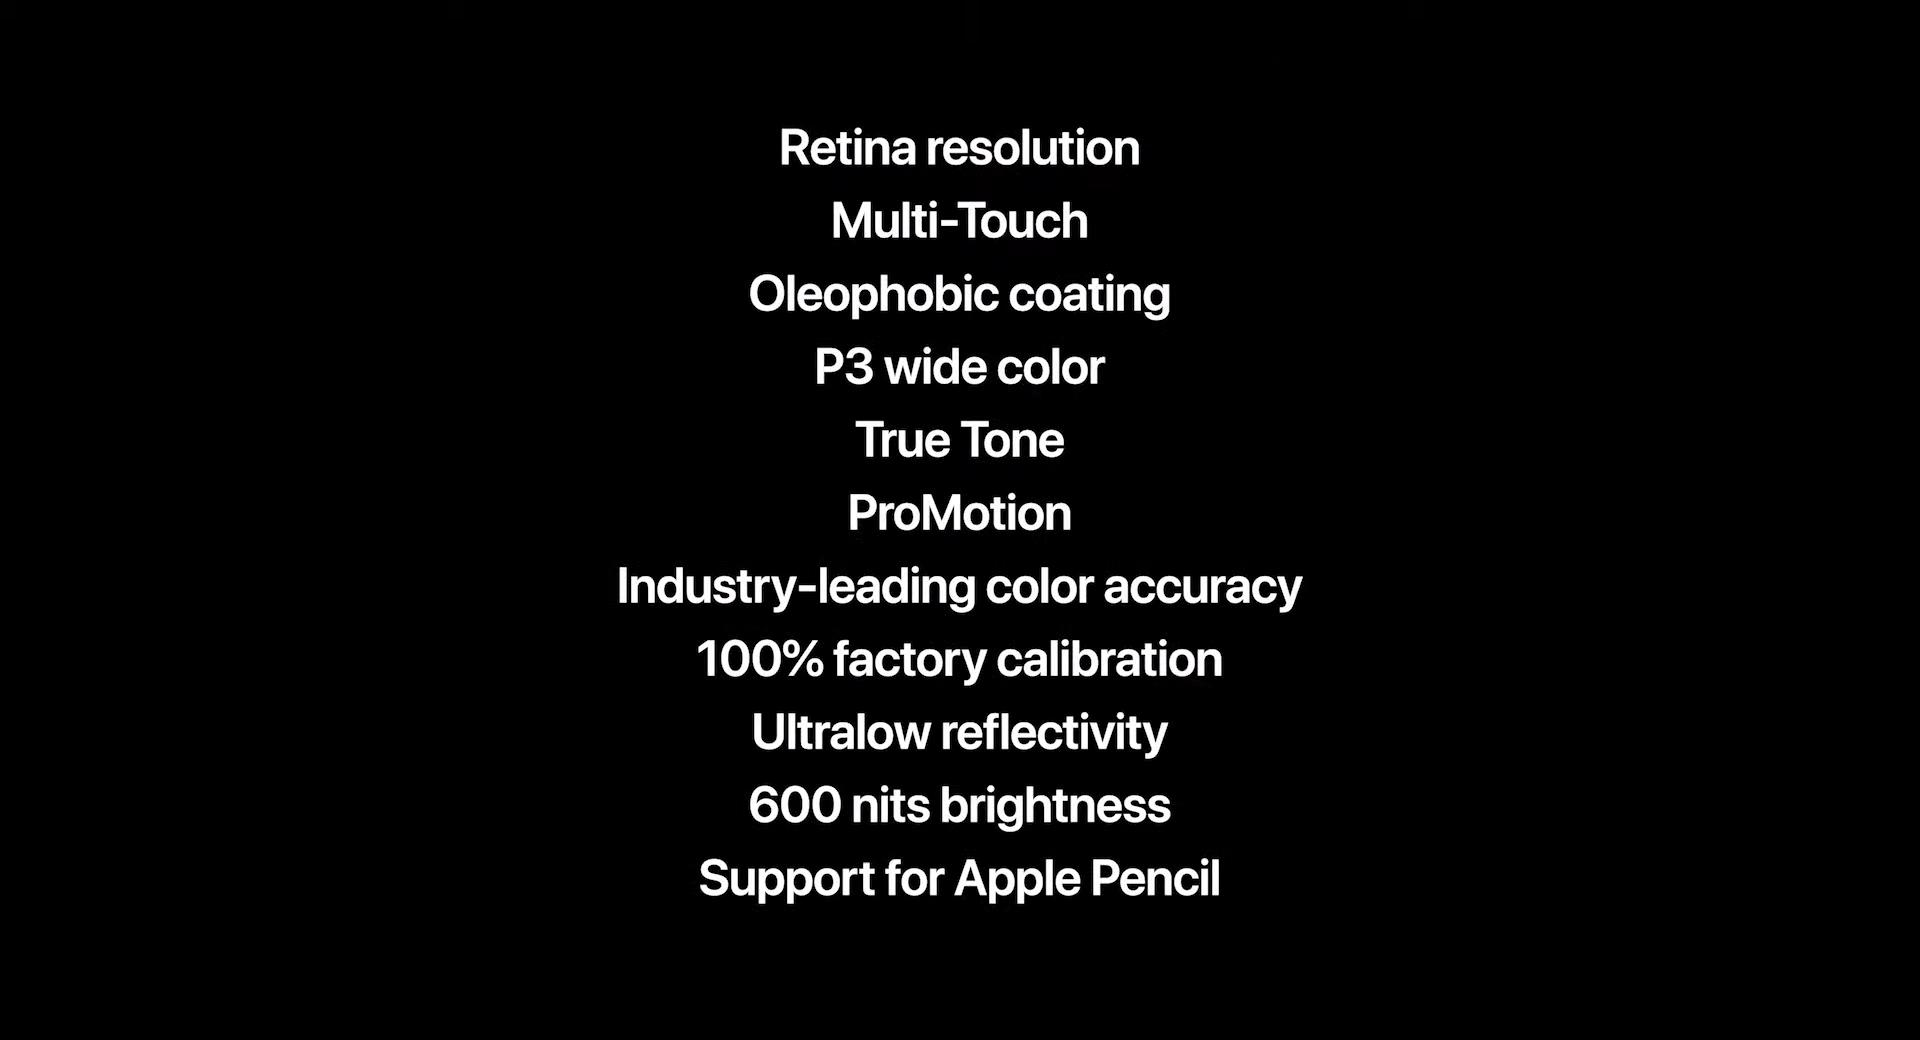 11インチモデルのLiquid Retinaディスプレイのスペック